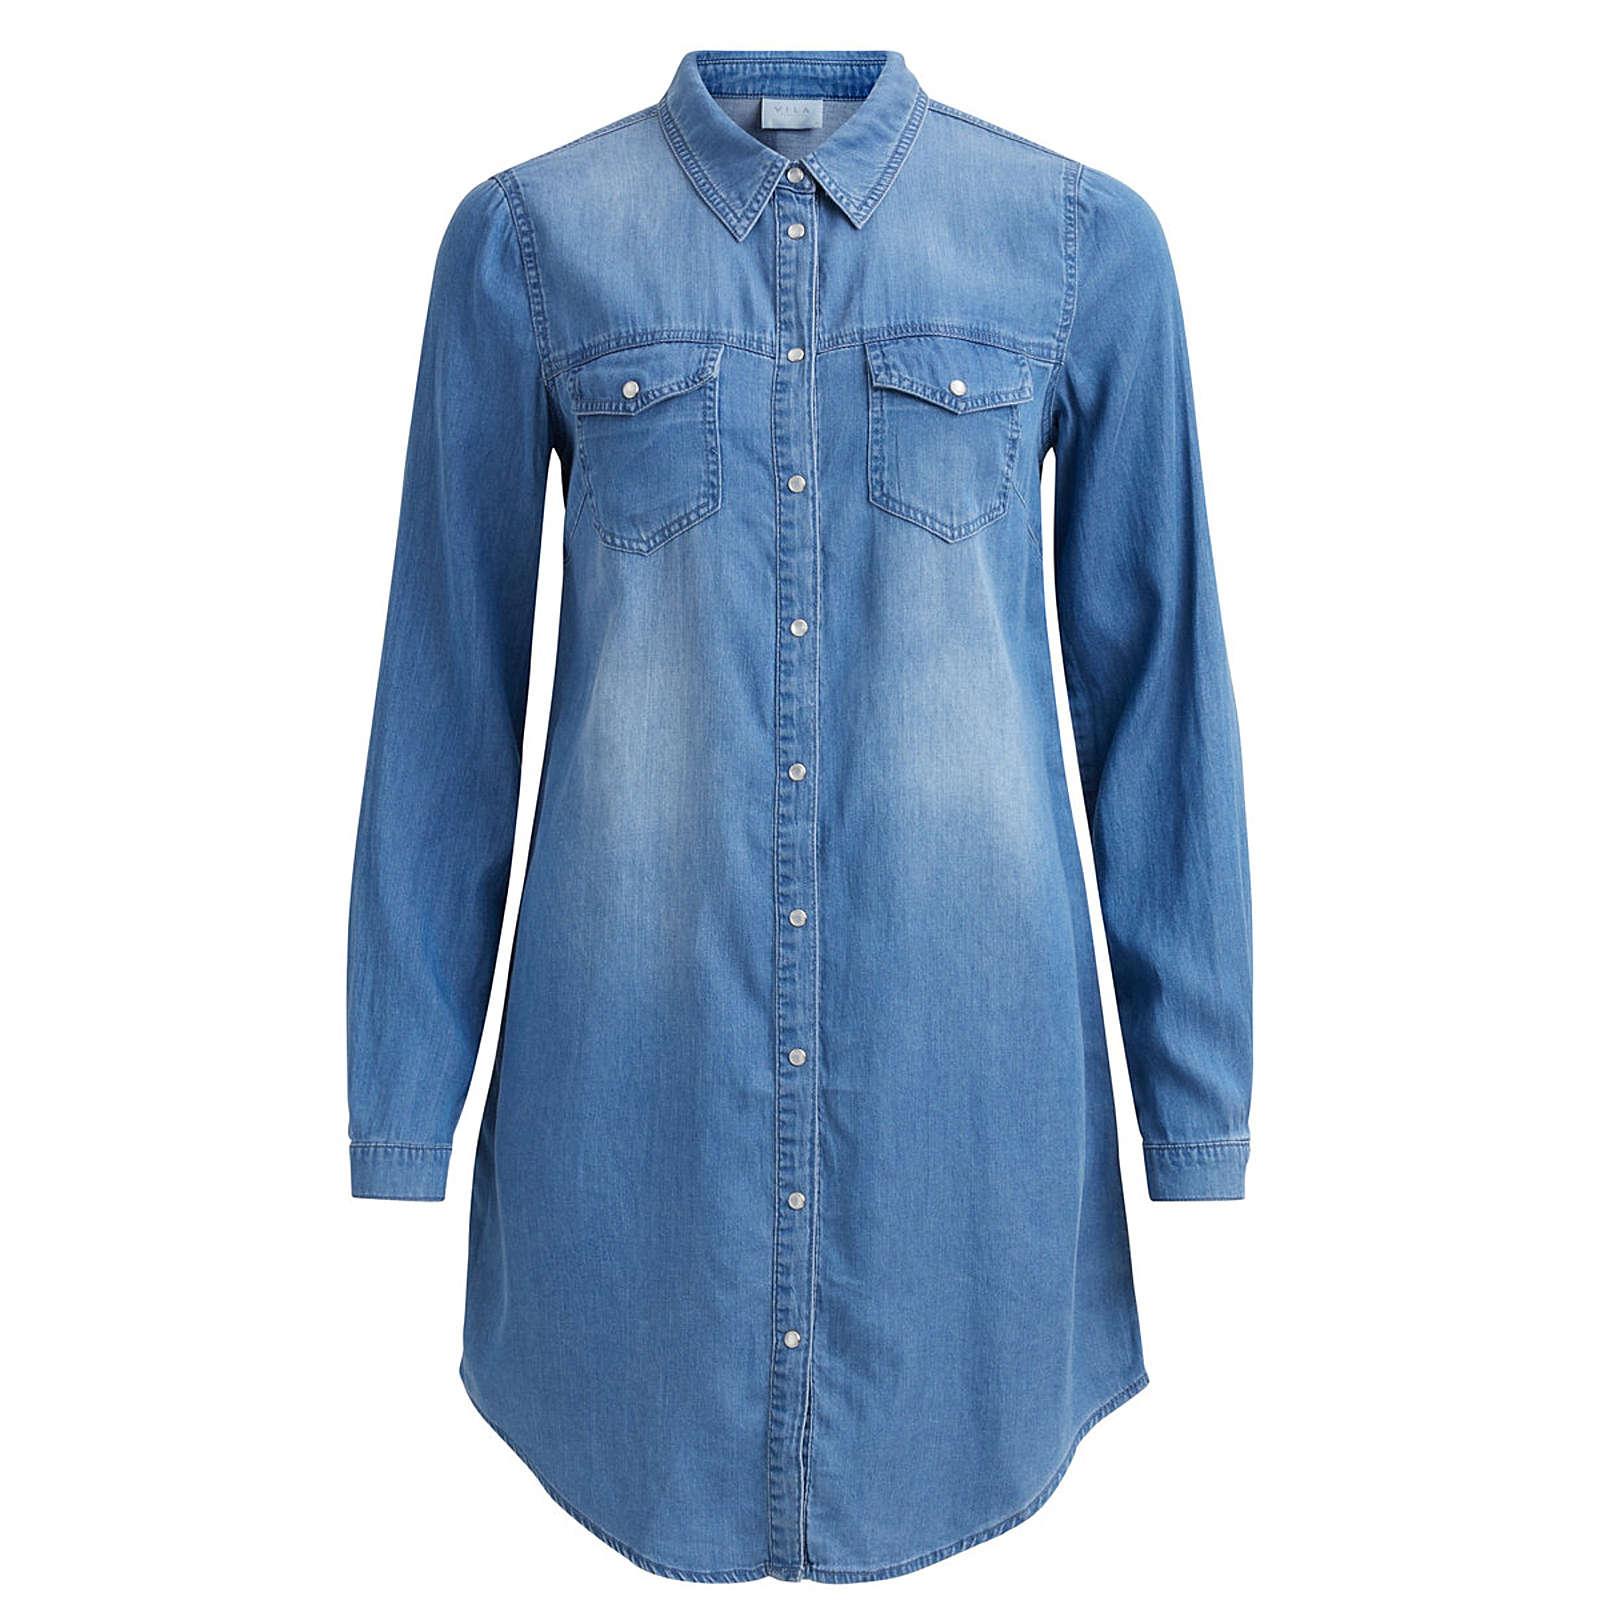 VILA Blusenkleid Blusenkleider blue denim Damen Gr. 40